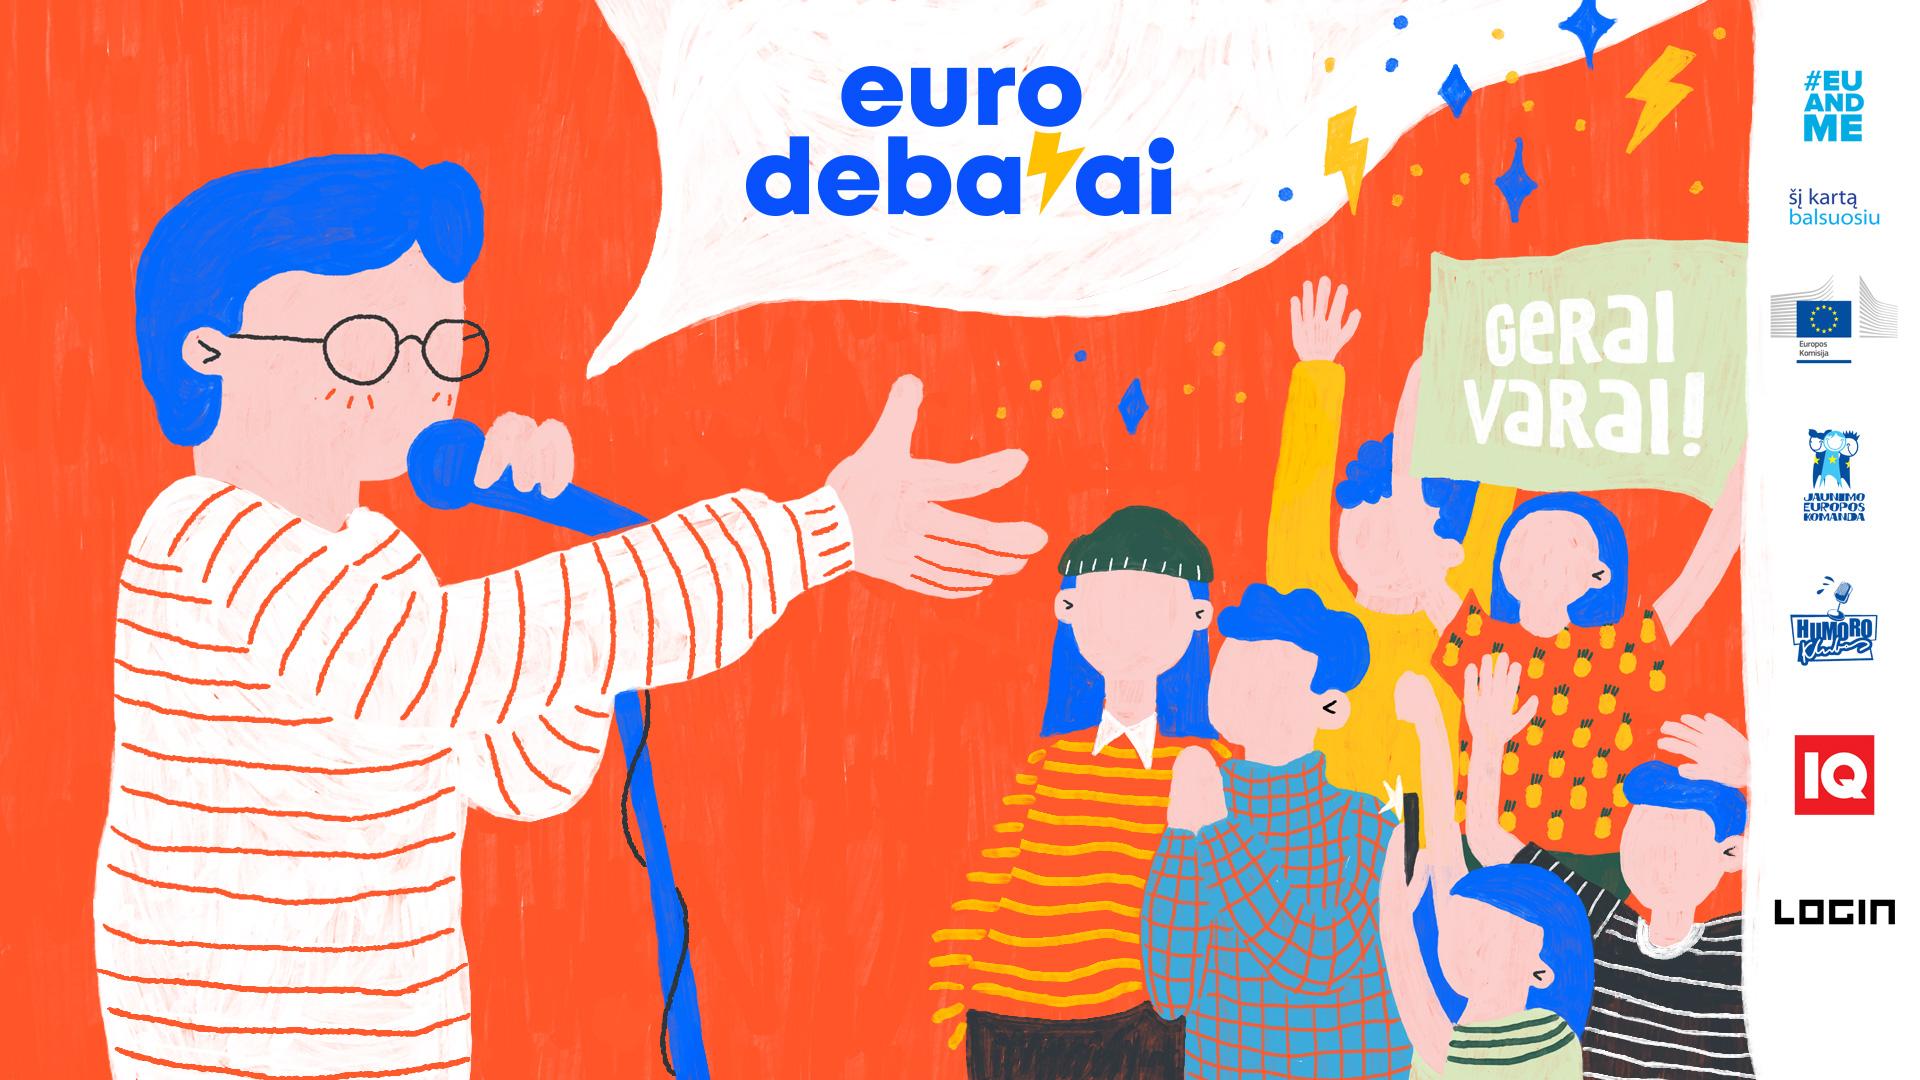 eurodebatai_FB_event_cover_1920x1080_v02